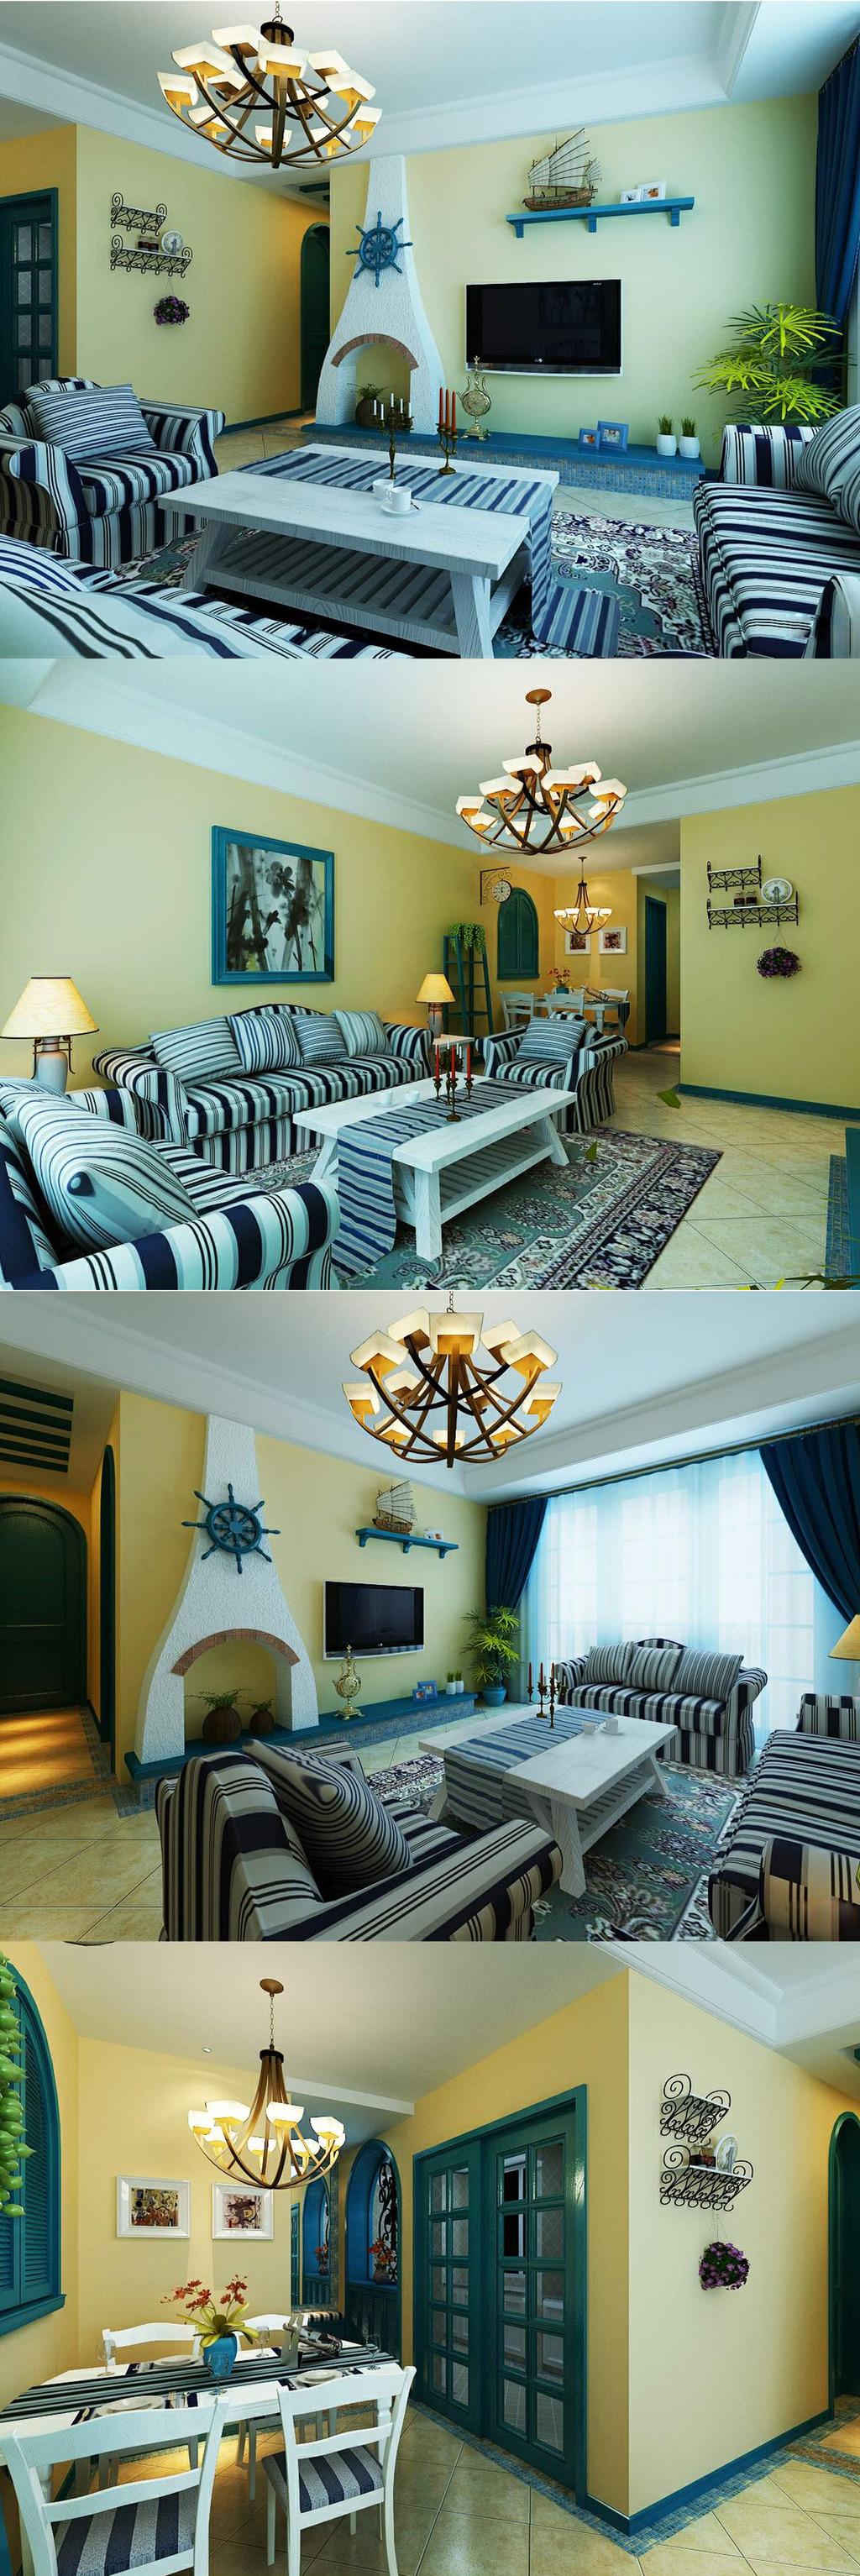 背景墙|装饰画 其他 室内设计 > 地中海家装客厅餐厅室内 材质 灯光